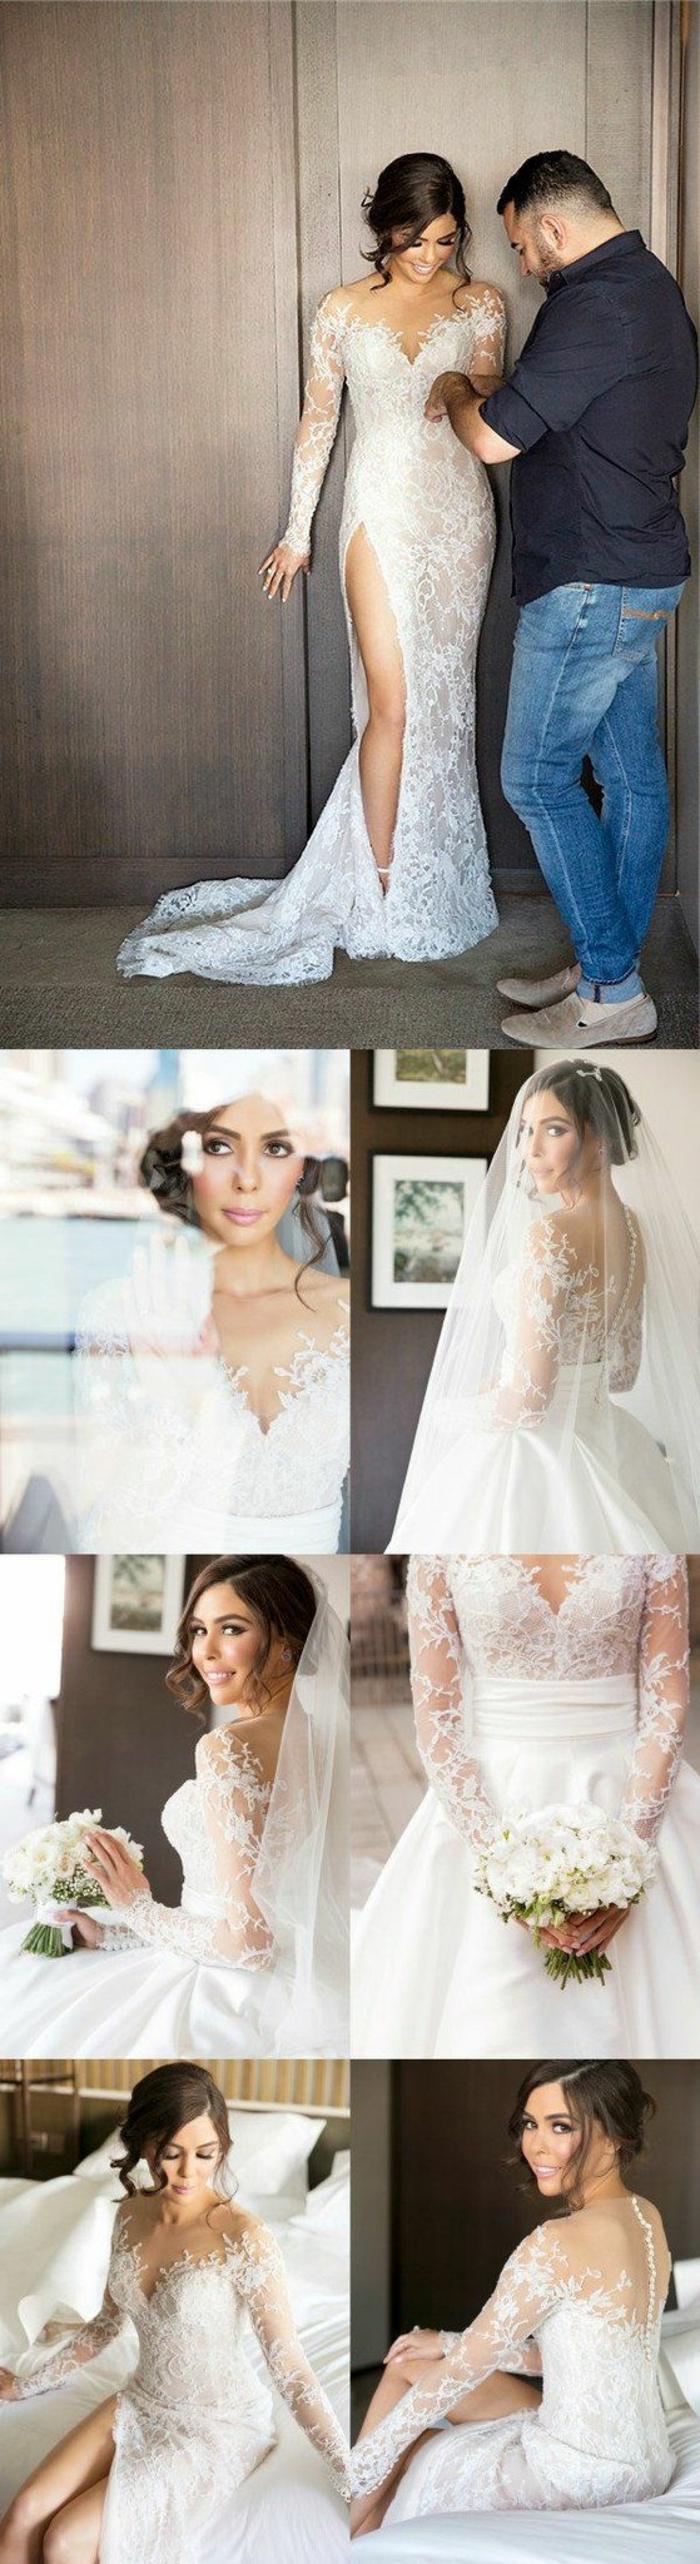 robe pour mariage en dentelle blanche, avec fente latérale profonde, voile blanc sur la coiffure de la mariée, des petits boutons blancs dans le dos, robe moulante, silhouette raffinée